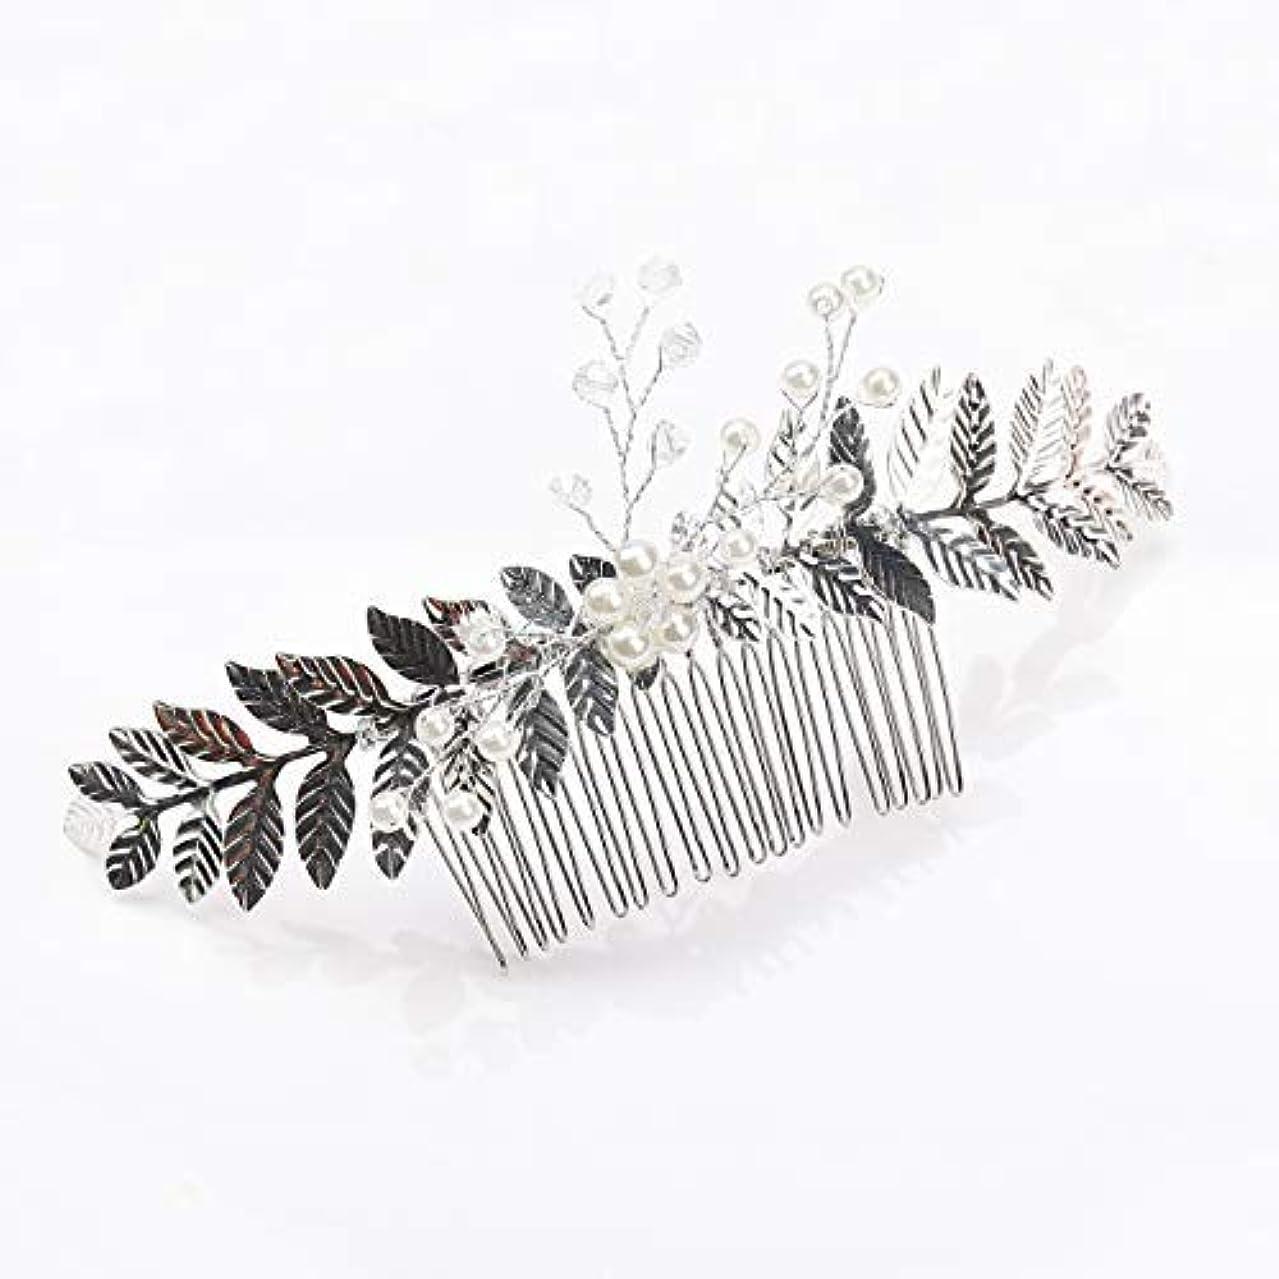 登るカメラバルブKercisbeauty Rustic Wedding Oliver Branch Pearl Flower and Crystal Hair Comb for Bride Bridesmaid Prom Headpiece...